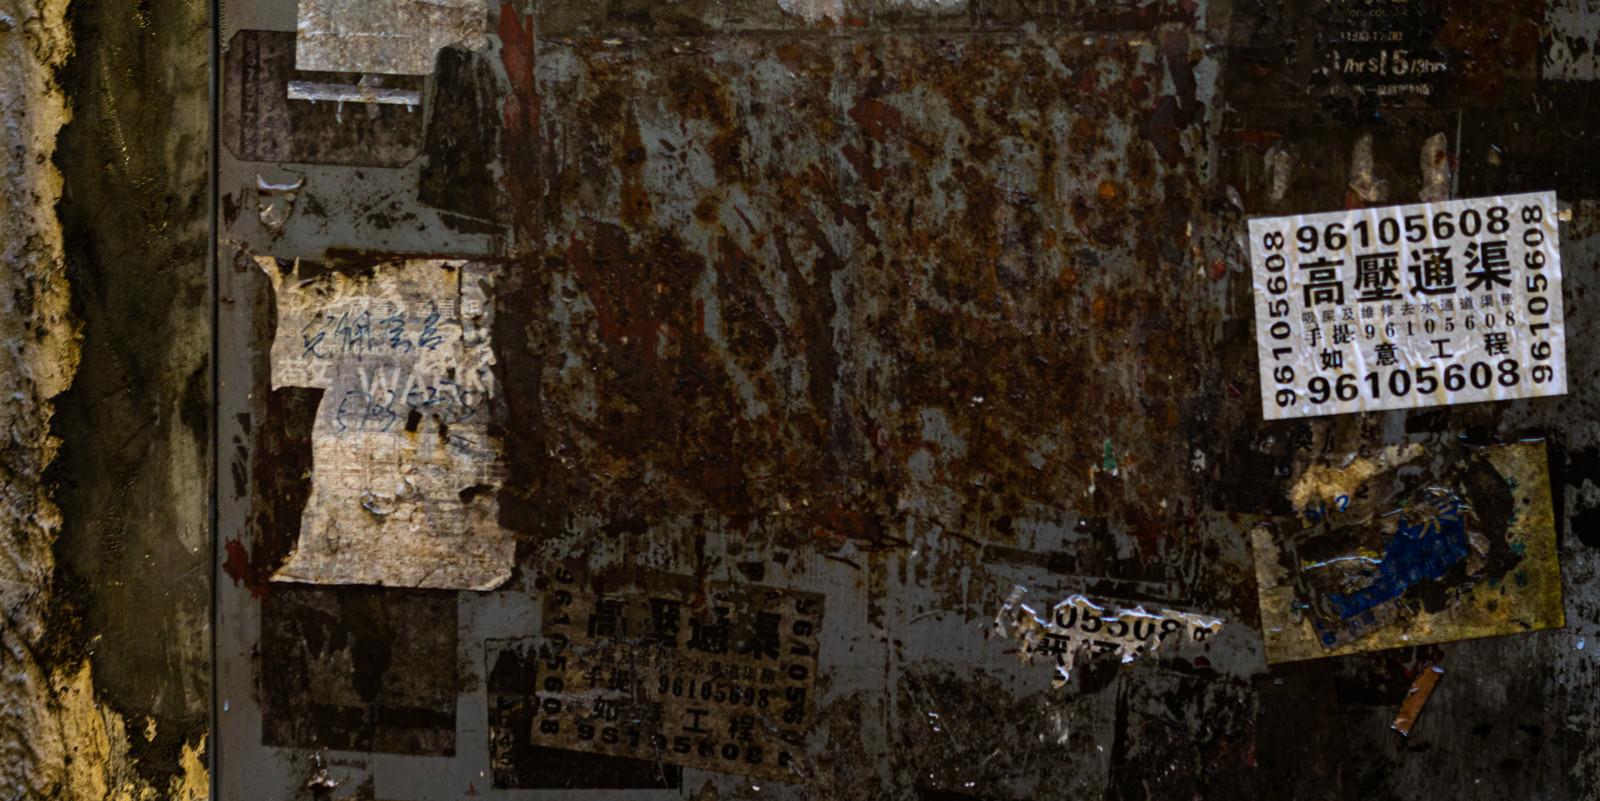 「錆びついて腐食した扉と貼られたチラシ」の写真